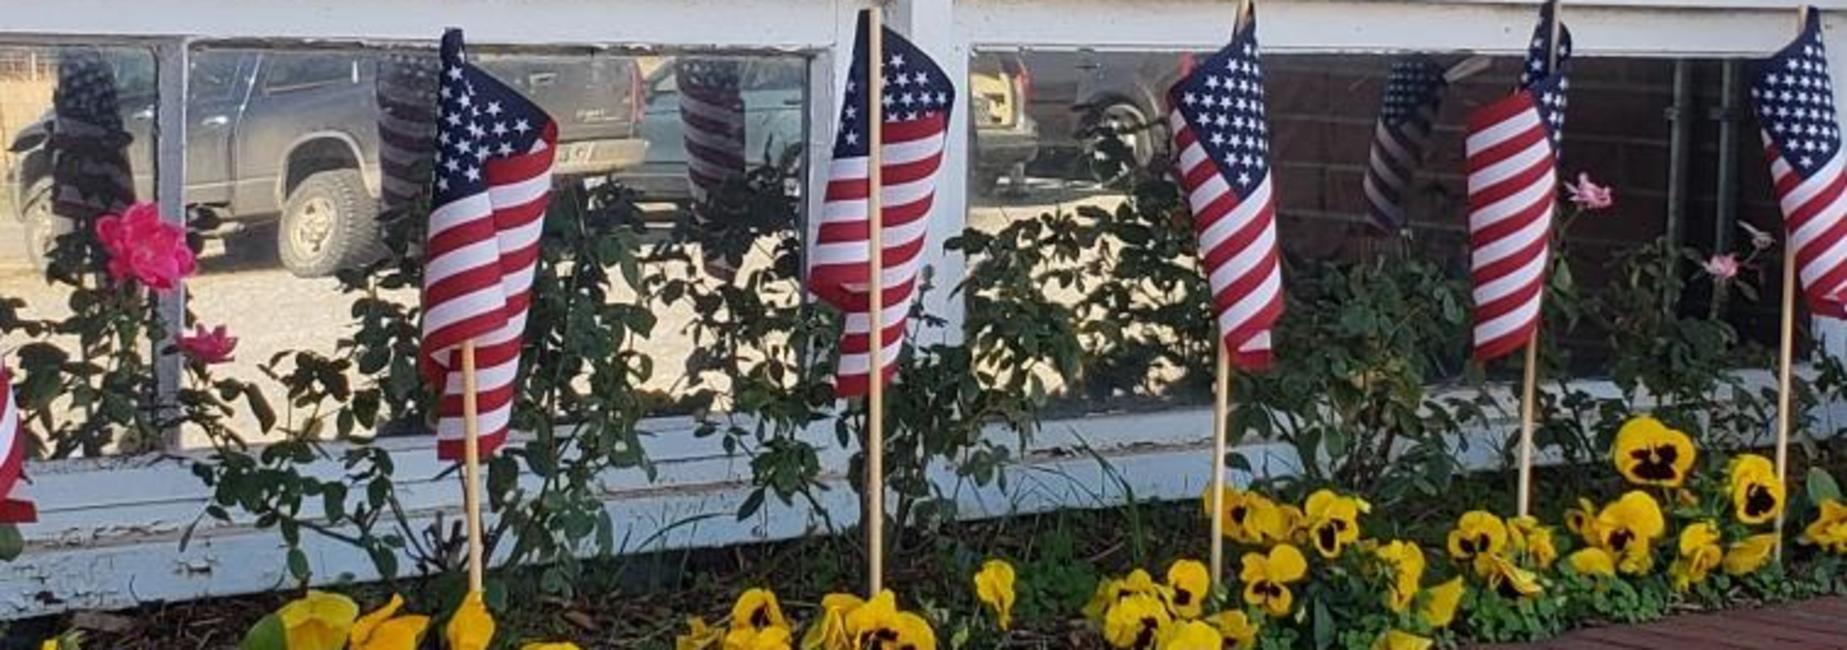 Veteran's Day Celebrations!